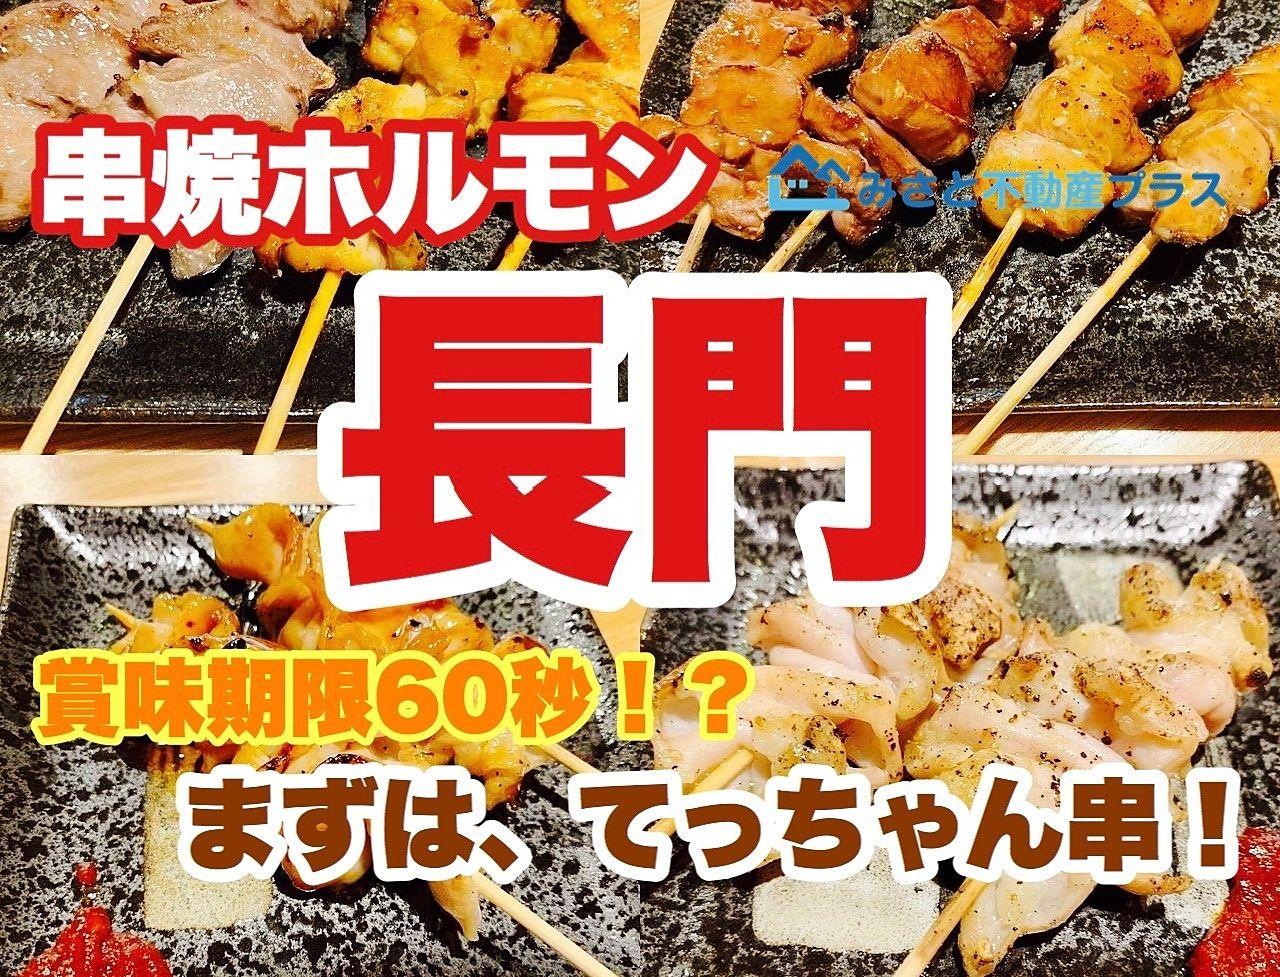 こんにちは、みさと不動産プラスの中原です。三郷市早稲田2丁目で「串焼ホルモン長門」が10月10日にOPENすることを先日、ブログで発信しましたが、昨日オープンだったので、いってきました!店内もすごい落…